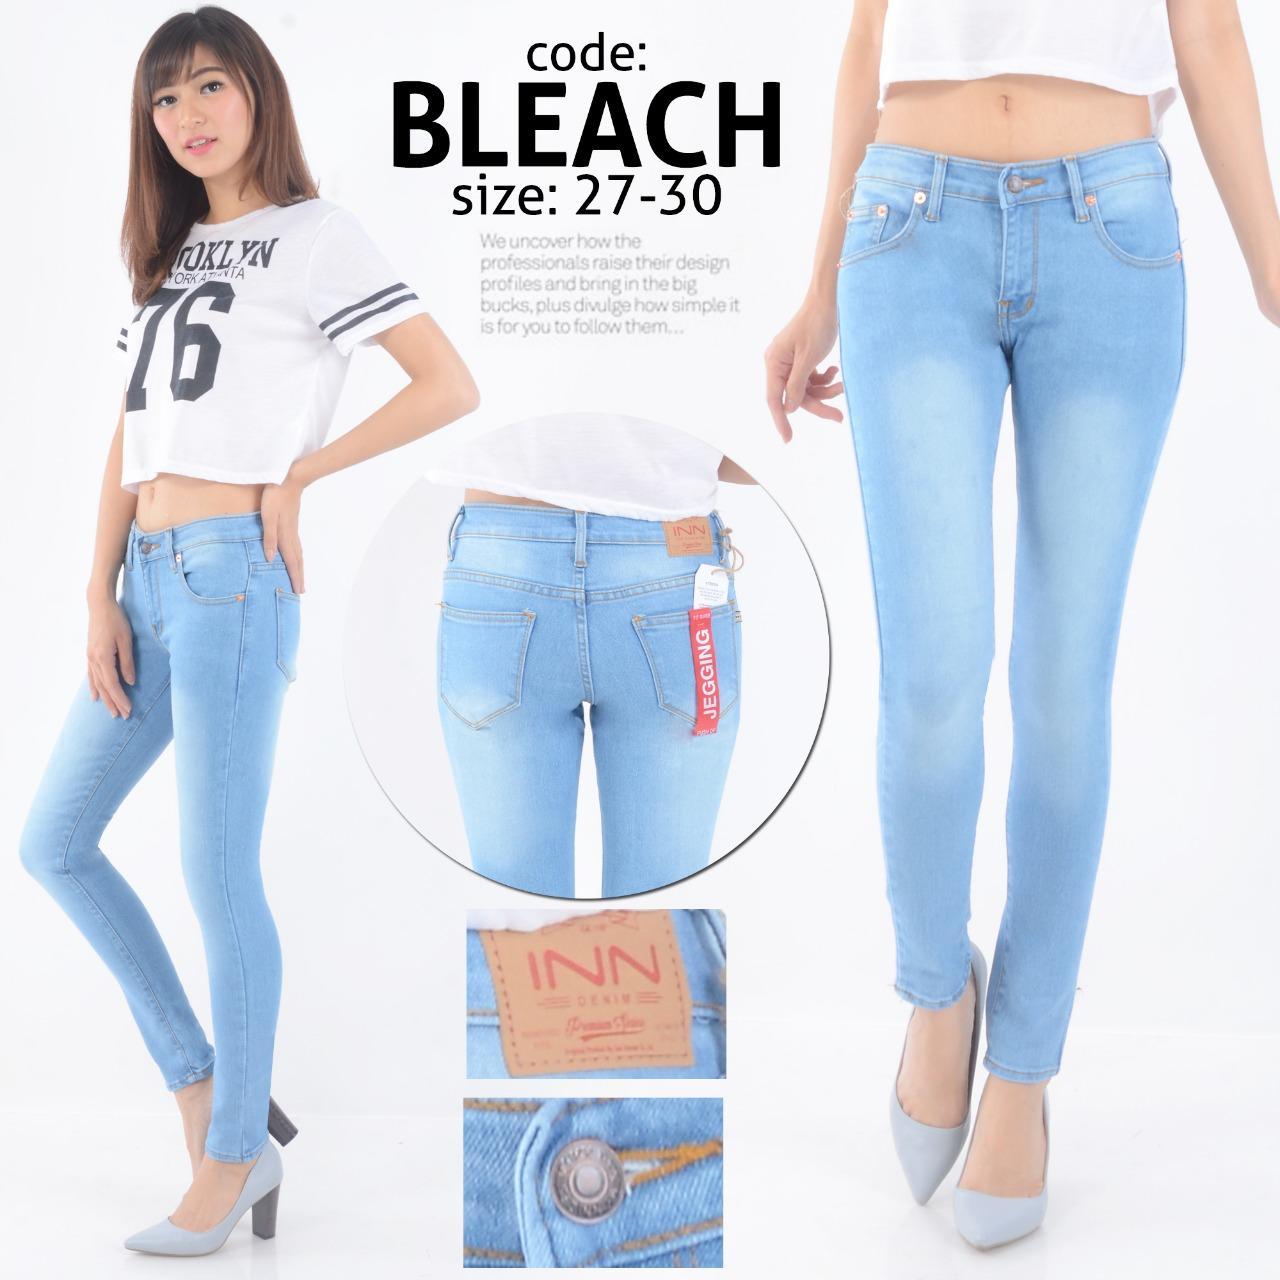 Nj Celana Legging Jeans Wanita Bahan Bagus Murah Biru Wash Update Whoops Basic Standard 2017 12 05 Photo 00000191 Kata Kunci Juga Dicari